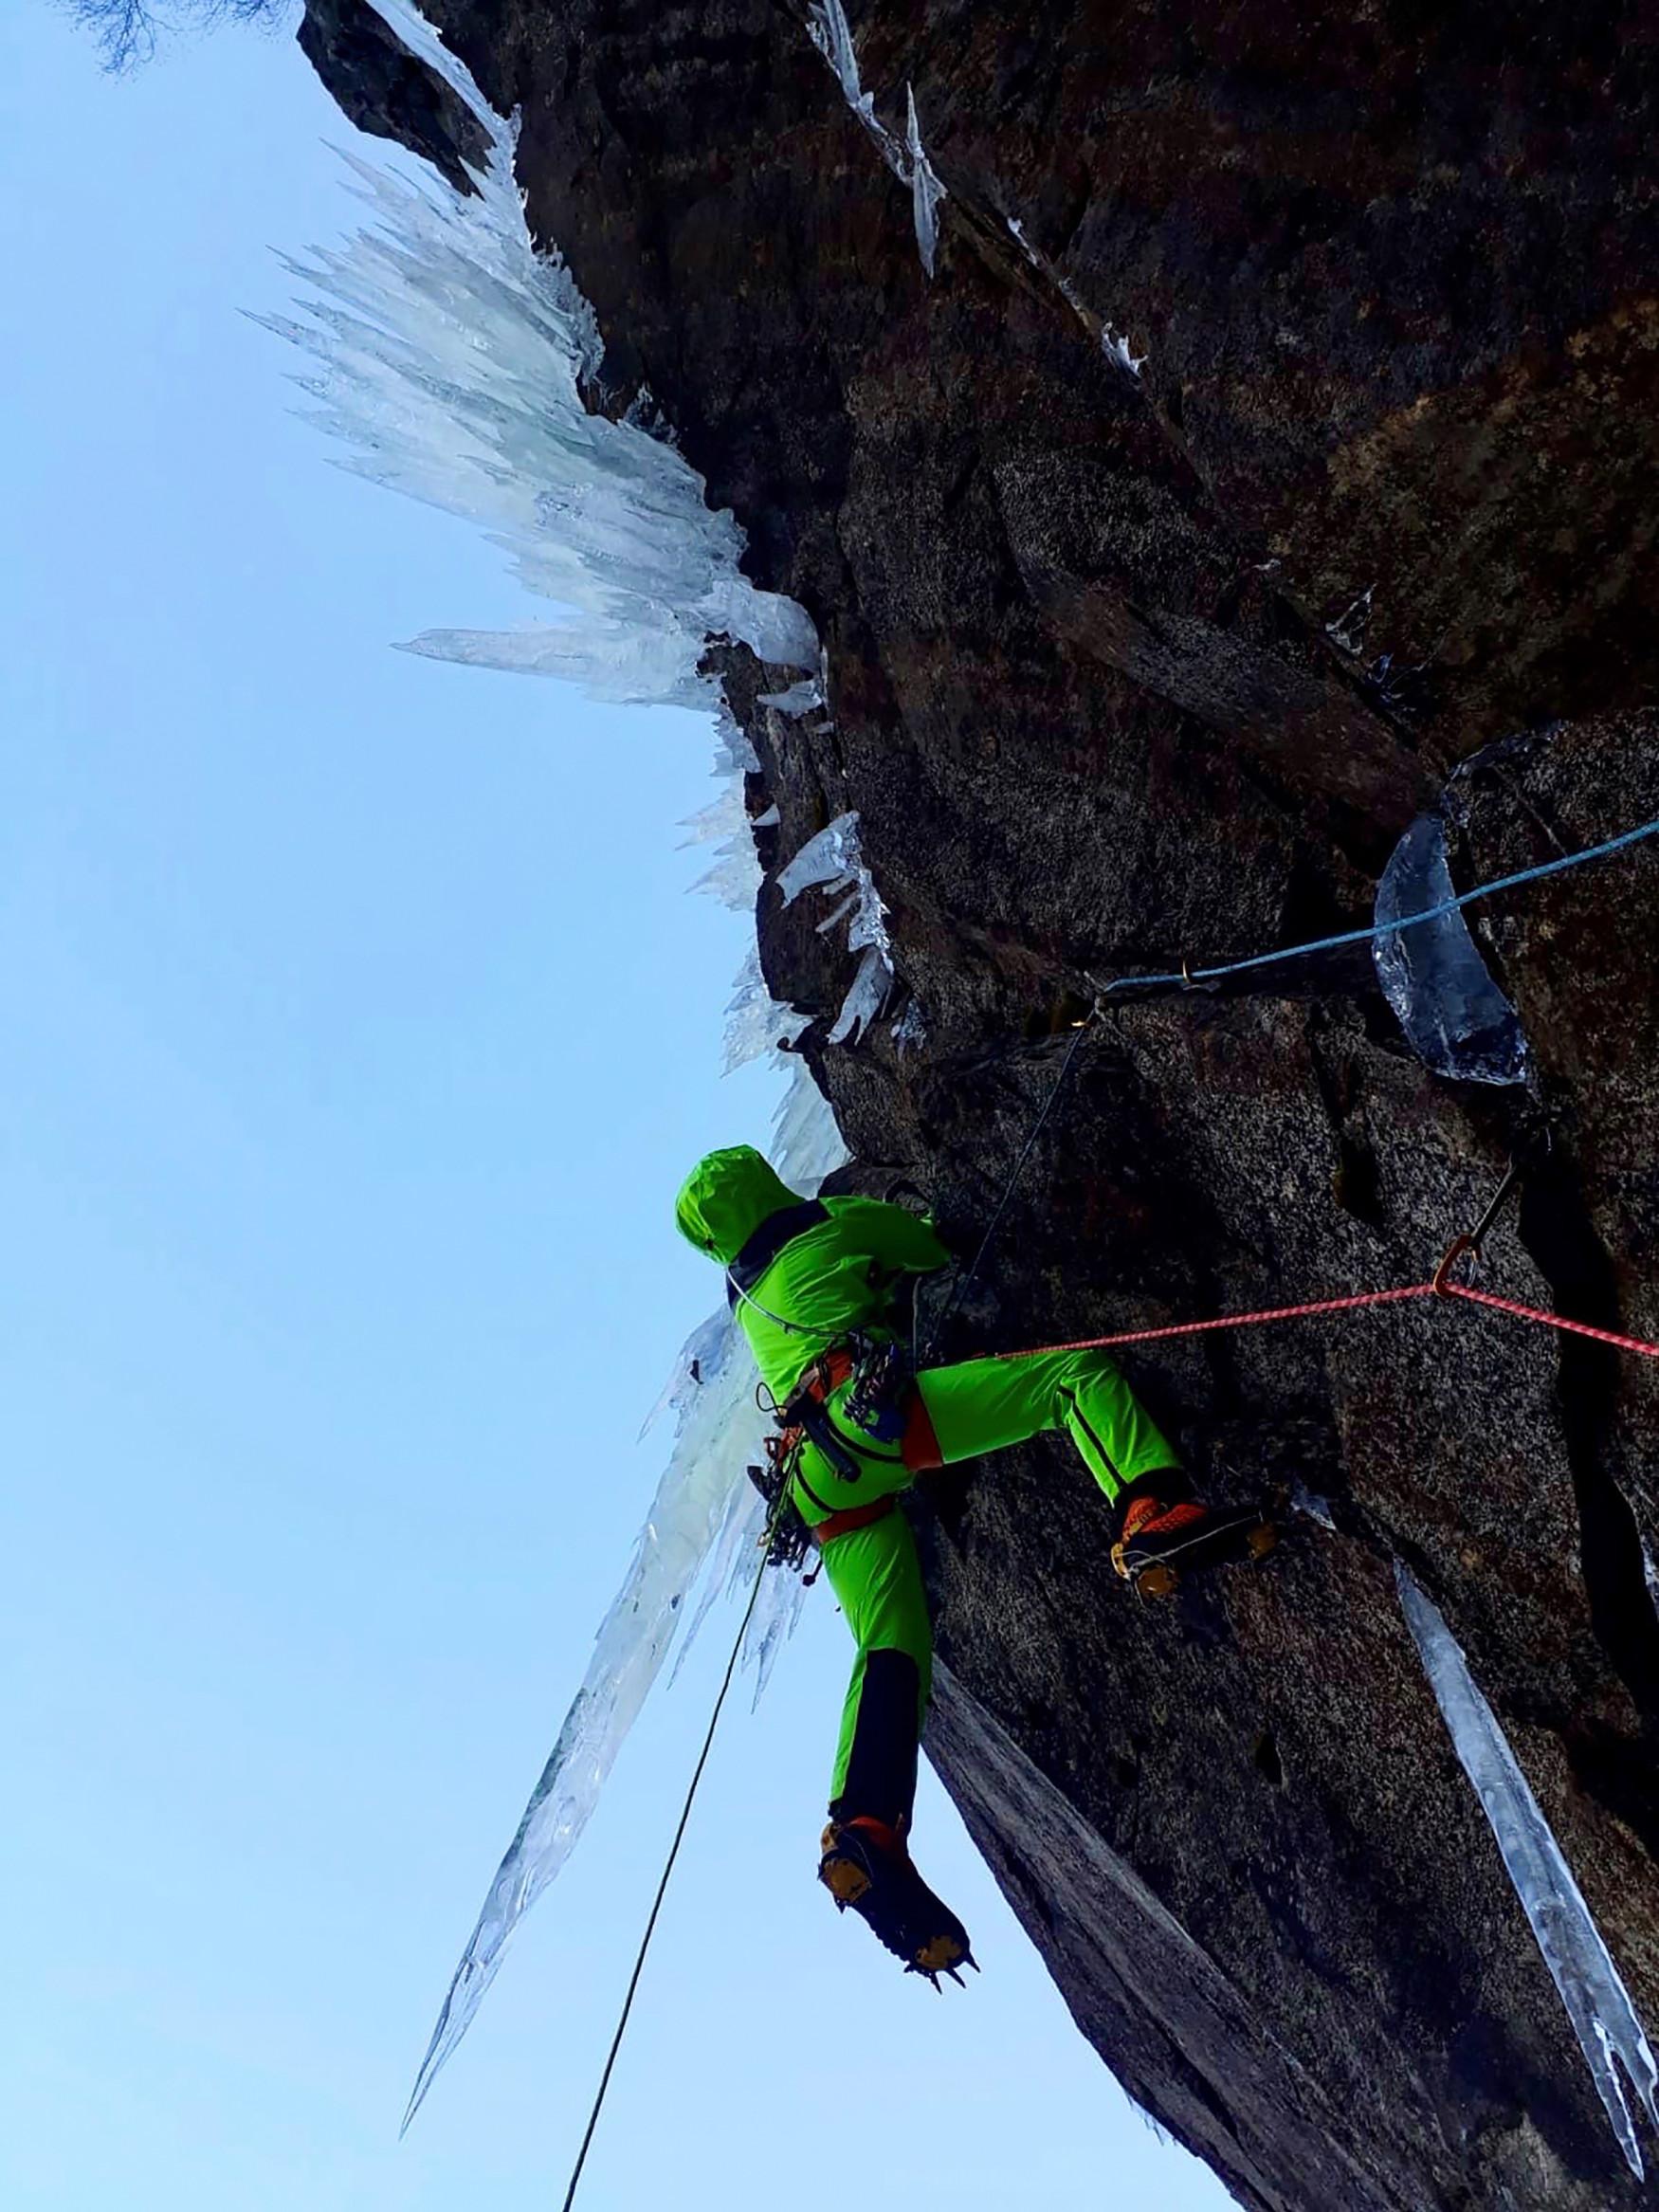 Egal ob Gratüberschreitung oder quer durchs Geröllfeld - damit Frauen auf allen Terrains in Aktion treten können, hat LOWA den Bergtouren-Schuh ALPINE EXPERT GTX Ws entwickelt. Für mehr Stabilität wurde der Schaft höher gezogen und eine Carbon-Brandsohle verarbeitet. Und wirds mal richtig nass und kalt, kann sich die Trägerin auf das wasserdichte GORE-TEX-Futter mit 400er PrimaLoft®-Isolierung verlassen.